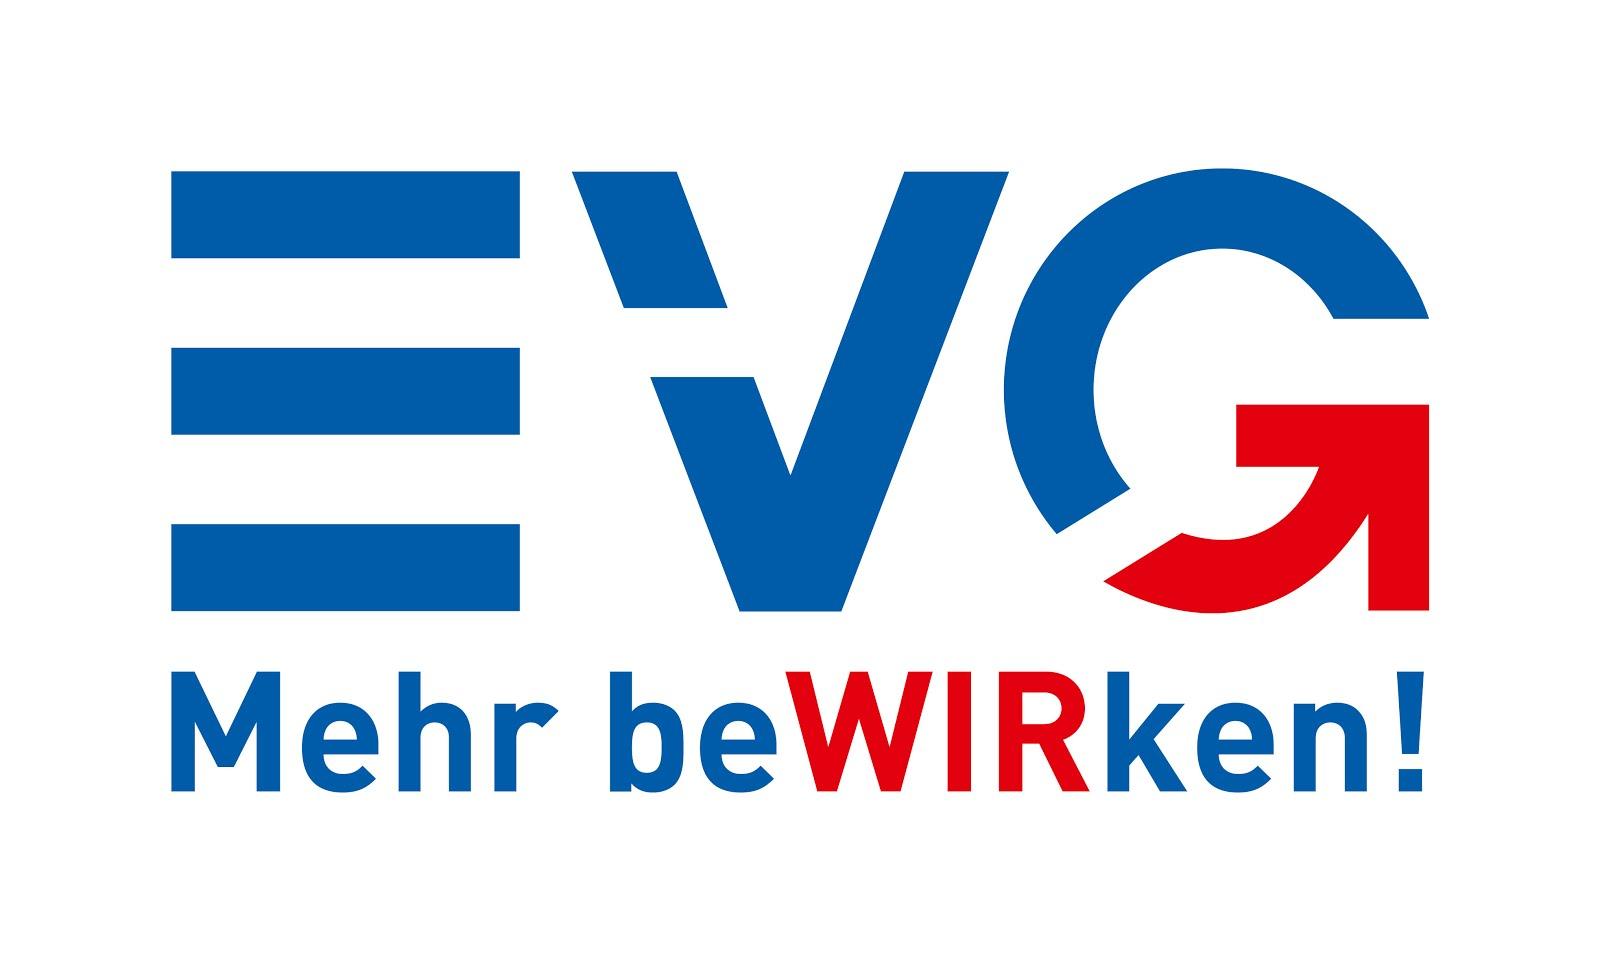 EVG Hamburg & Schleswig-Holstein